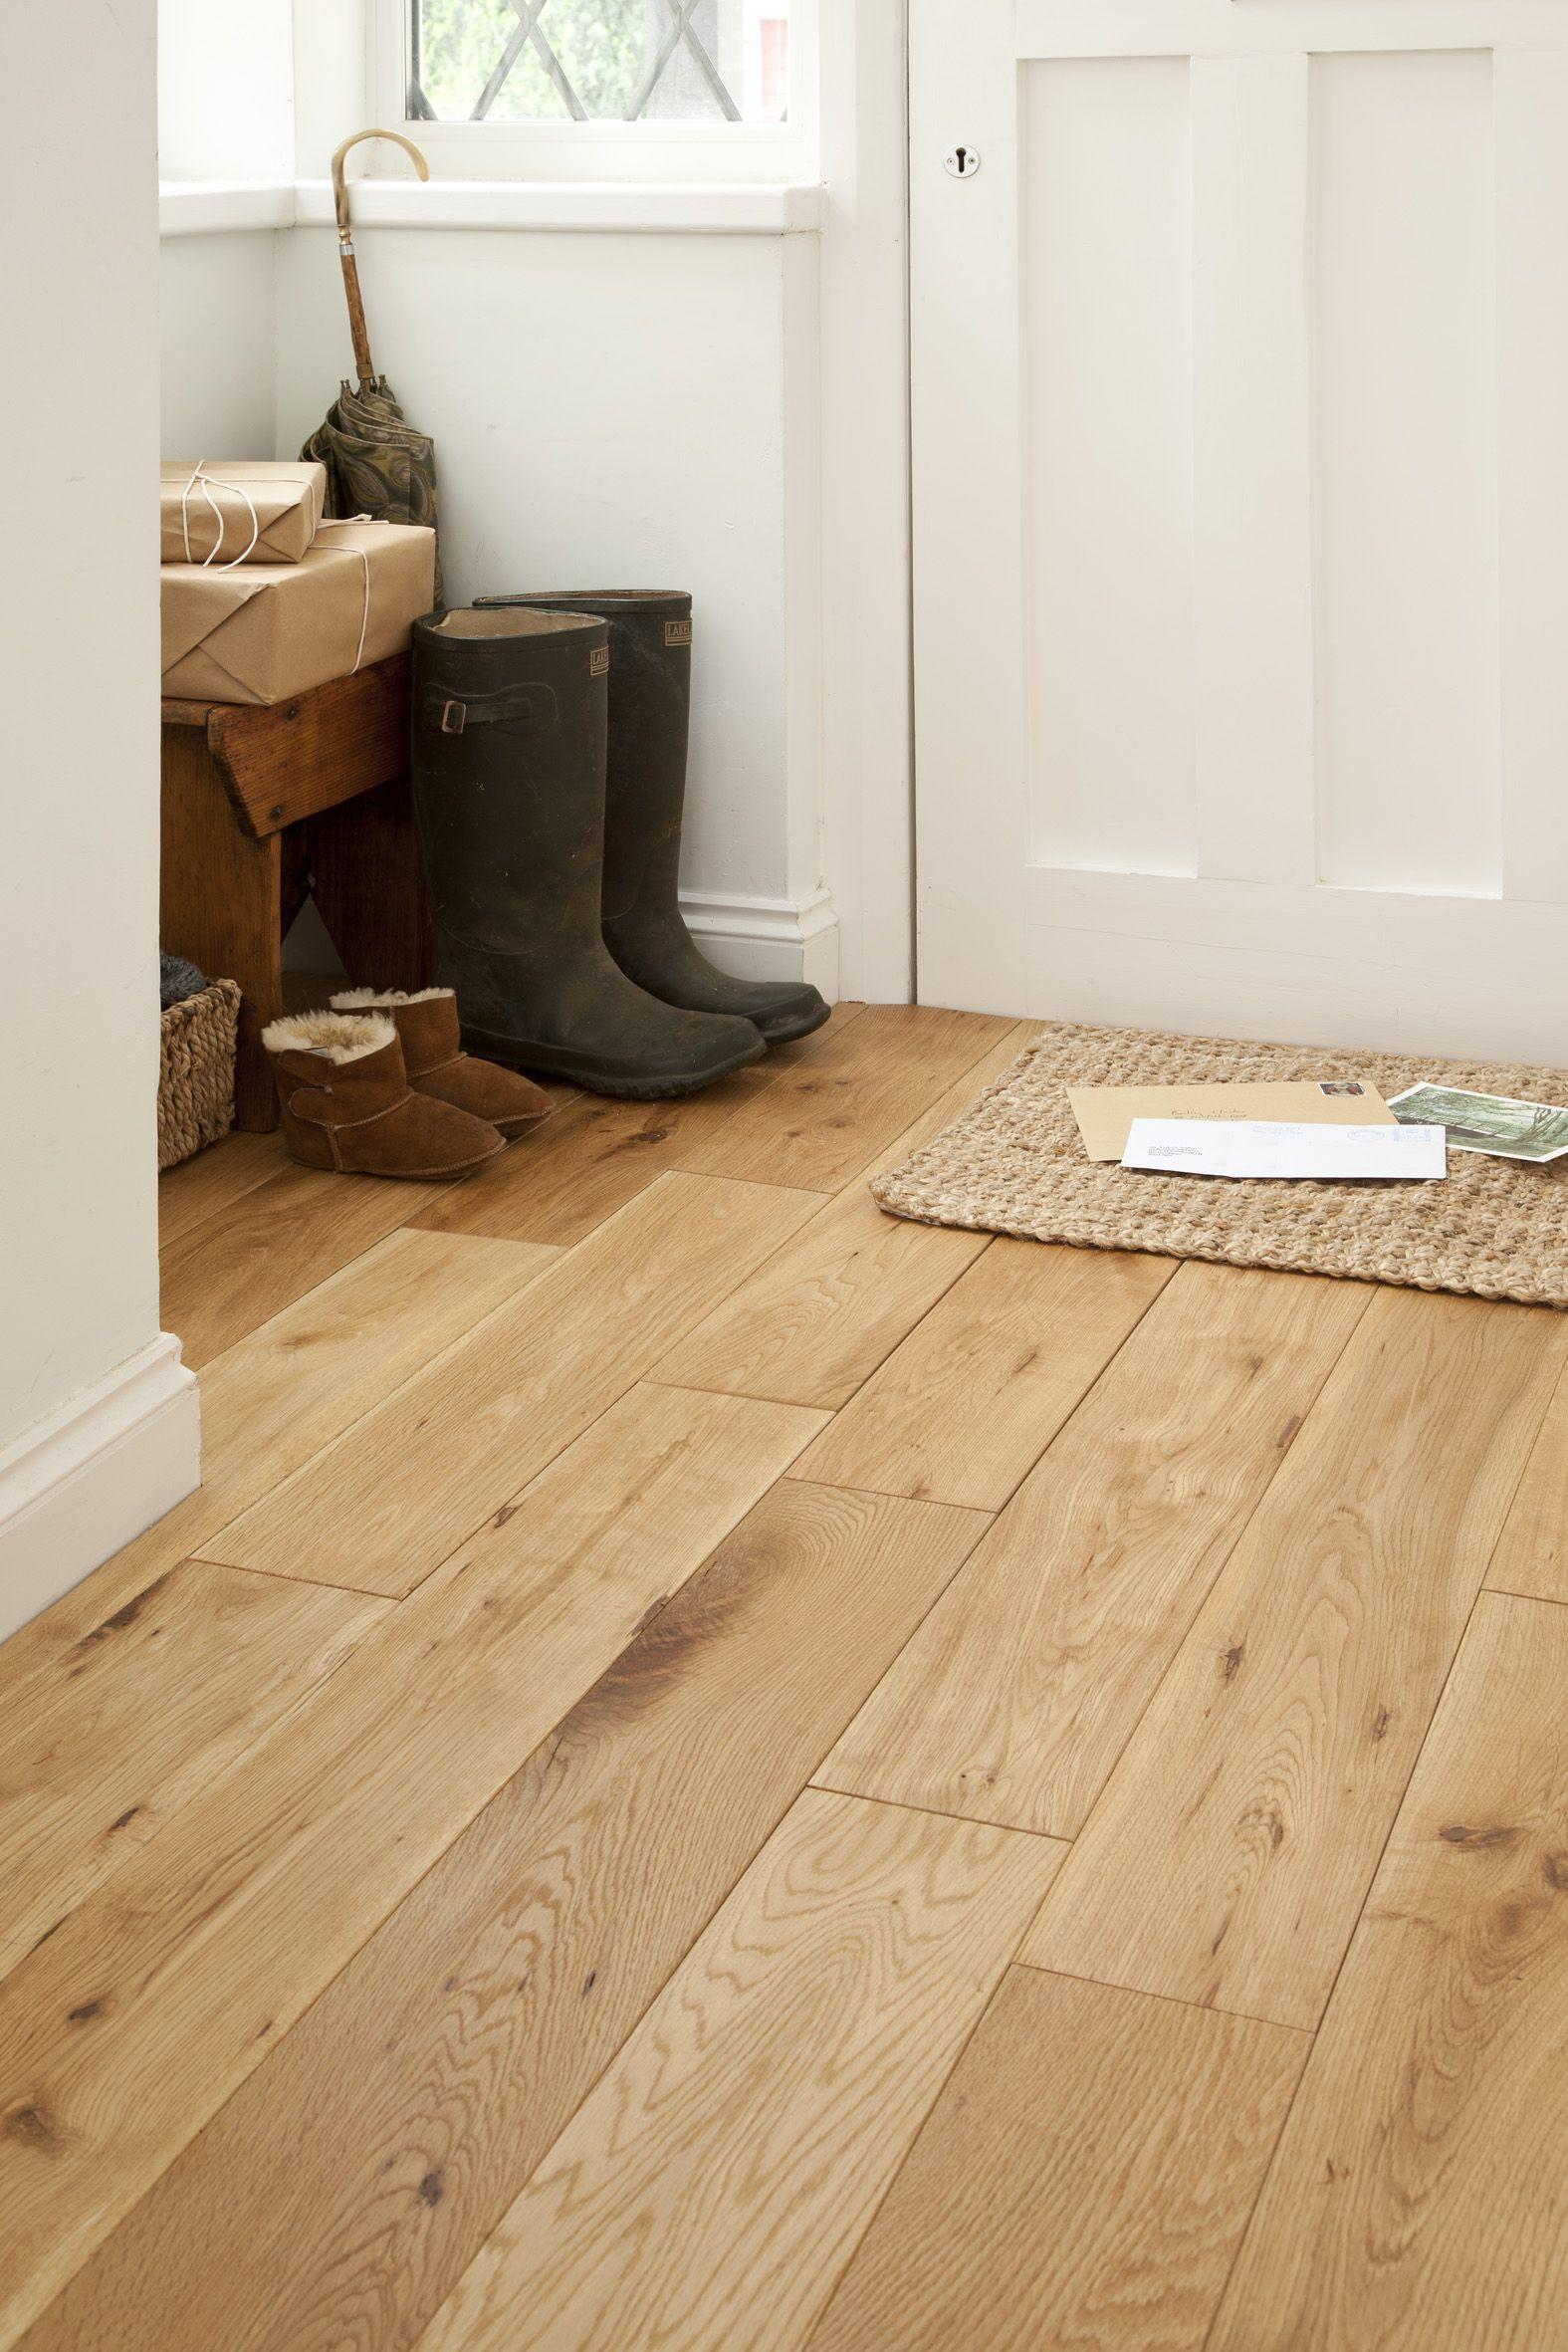 Ejemplo de suelo hecho con madera de Roble.